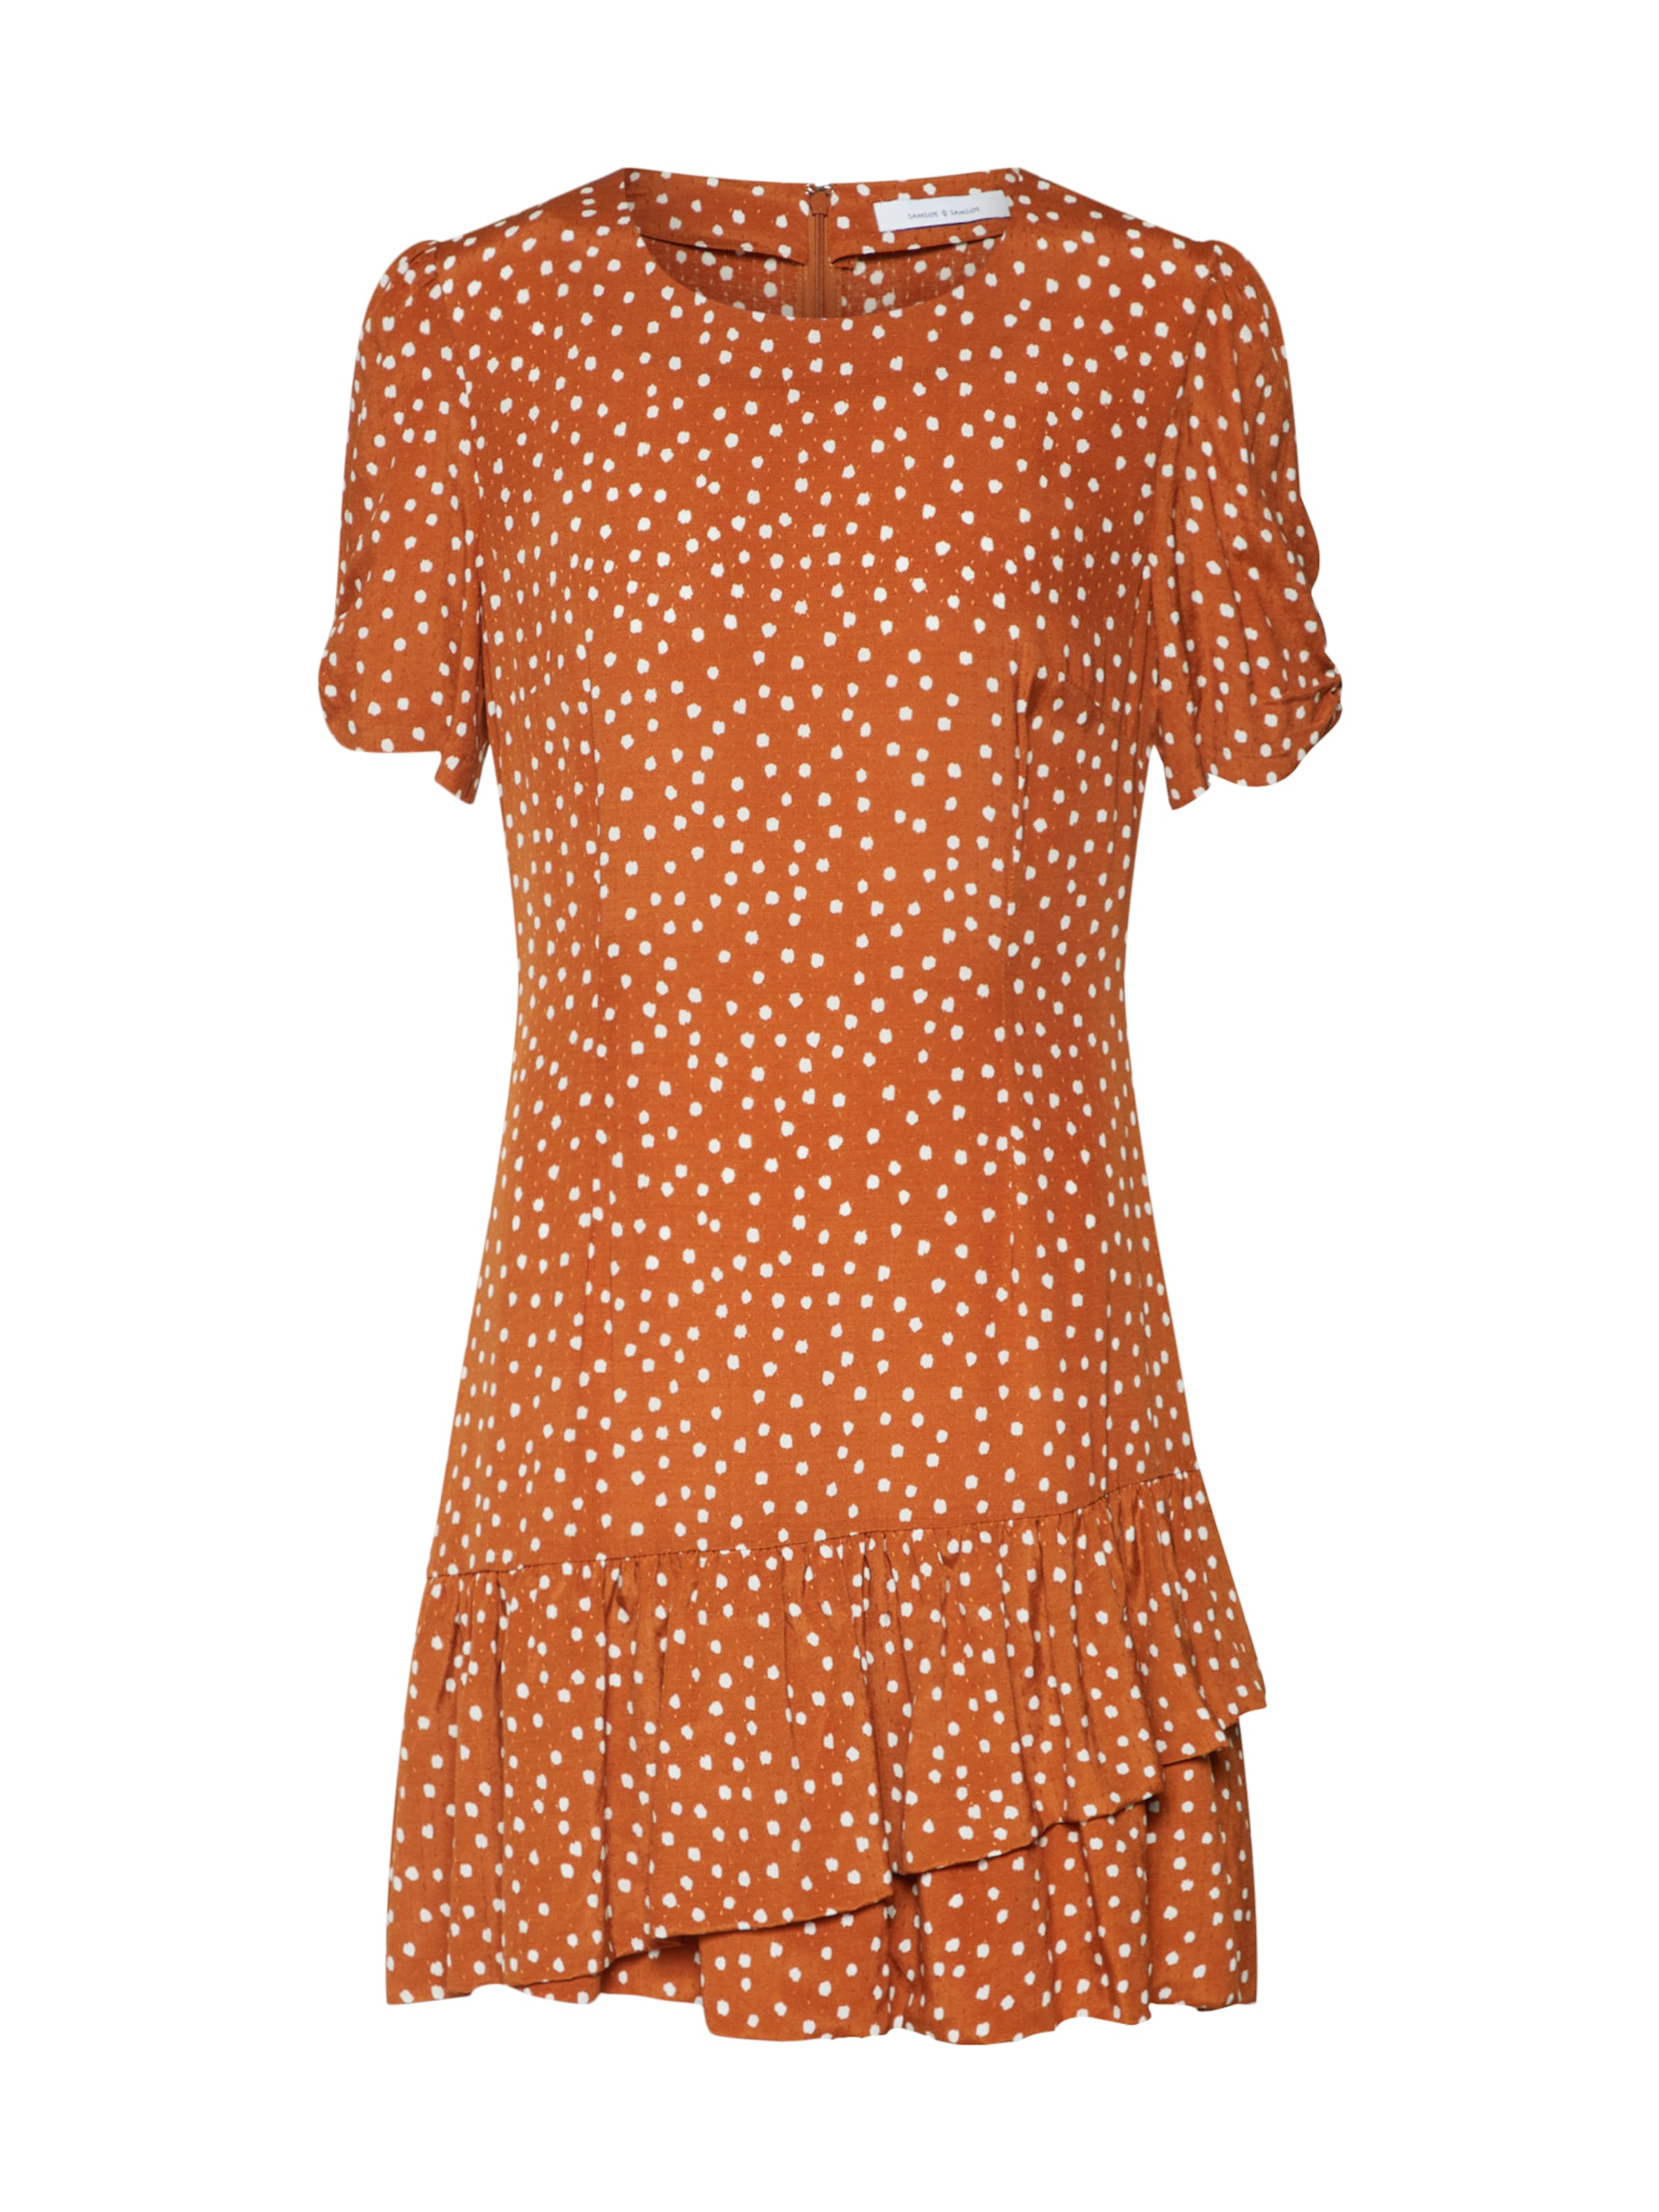 In Kleid Samsoeamp; BraunWeiß Kleid 'monza' BraunWeiß Samsoeamp; 'monza' In Samsoeamp; 'monza' Kleid In WDH29EI